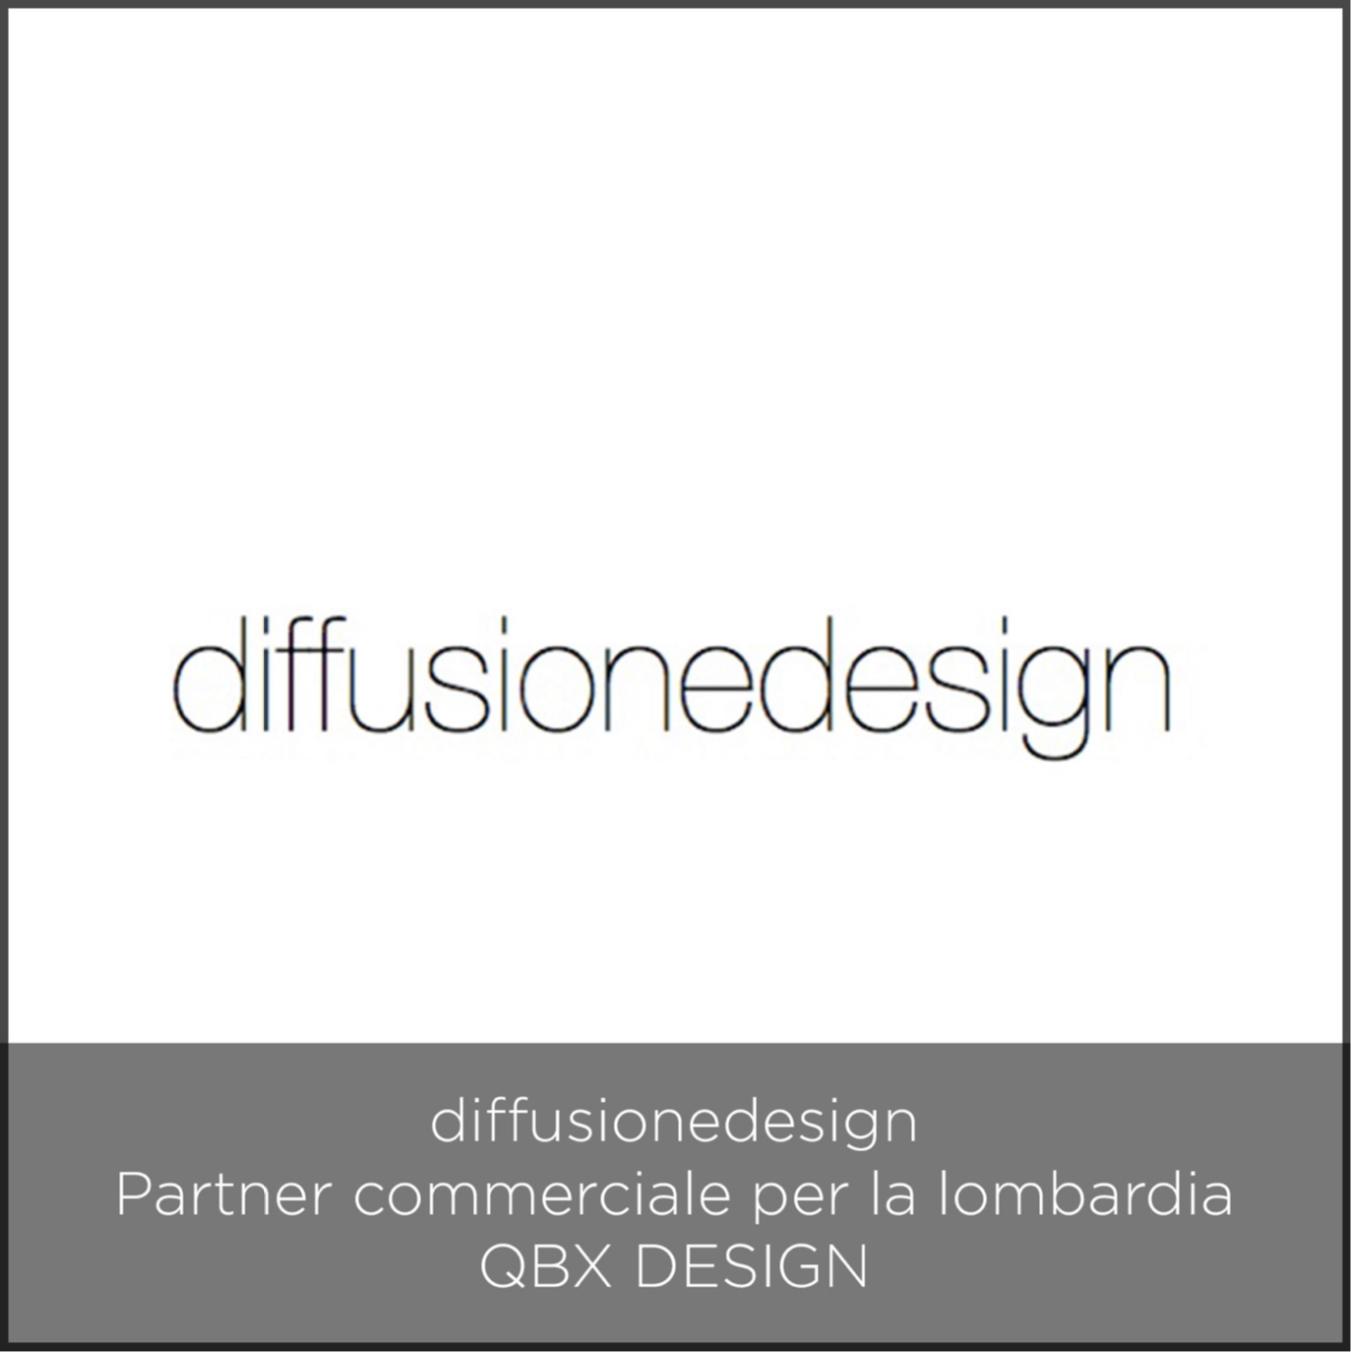 diffusione design